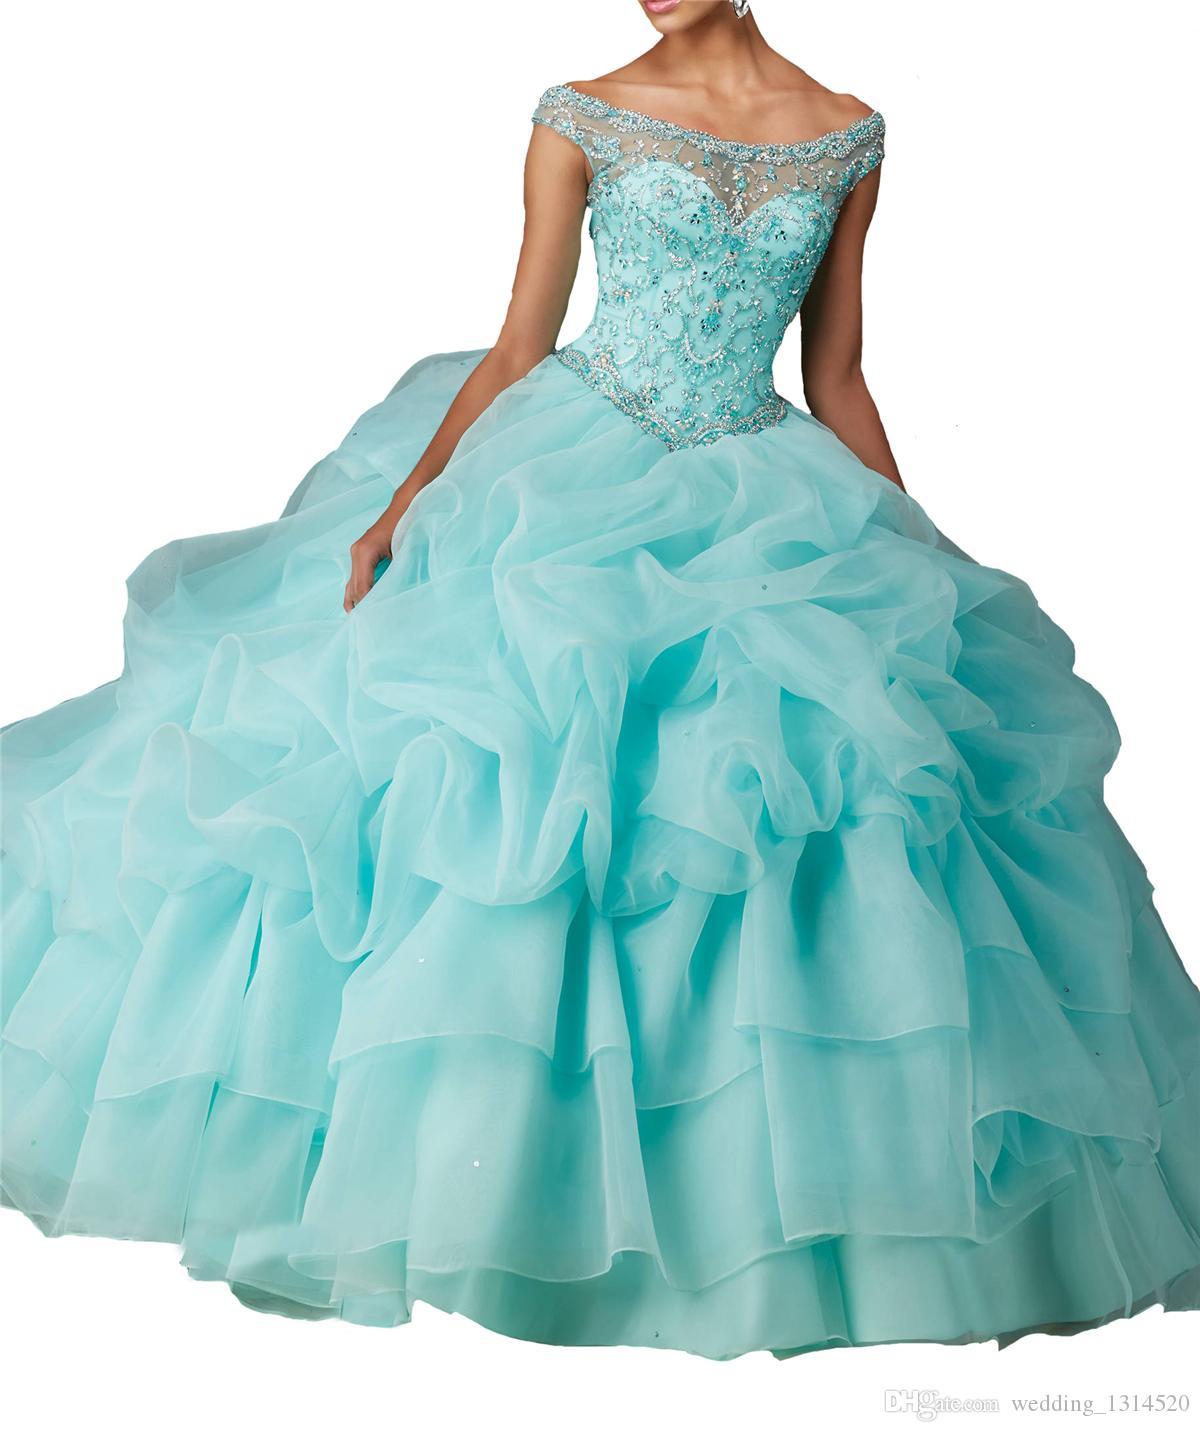 New Sweet Girls 15 16 Ball Gowns Women Quinceanera Dresses Floor Length Beaded Off Shoulder Ruffles Organza cheap drop shipping